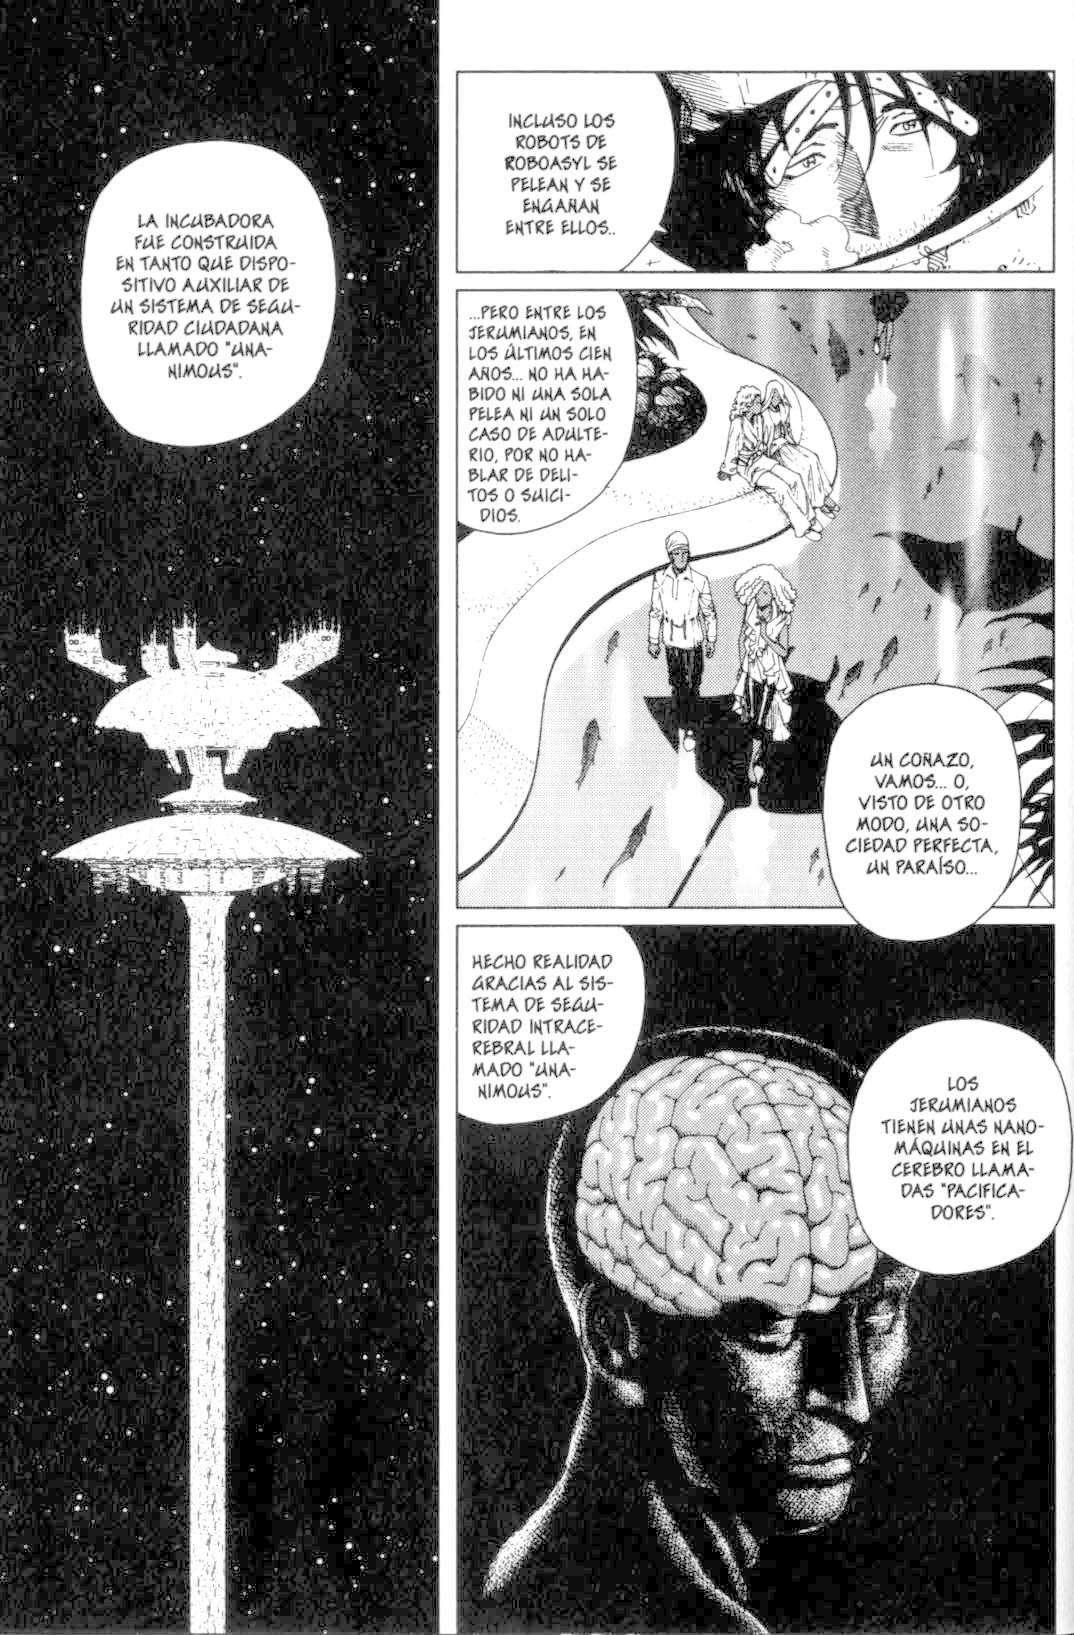 http://c5.ninemanga.com/es_manga/pic2/1/15873/523542/d33fc35db631eeed13cf6dcaf3096b74.jpg Page 4